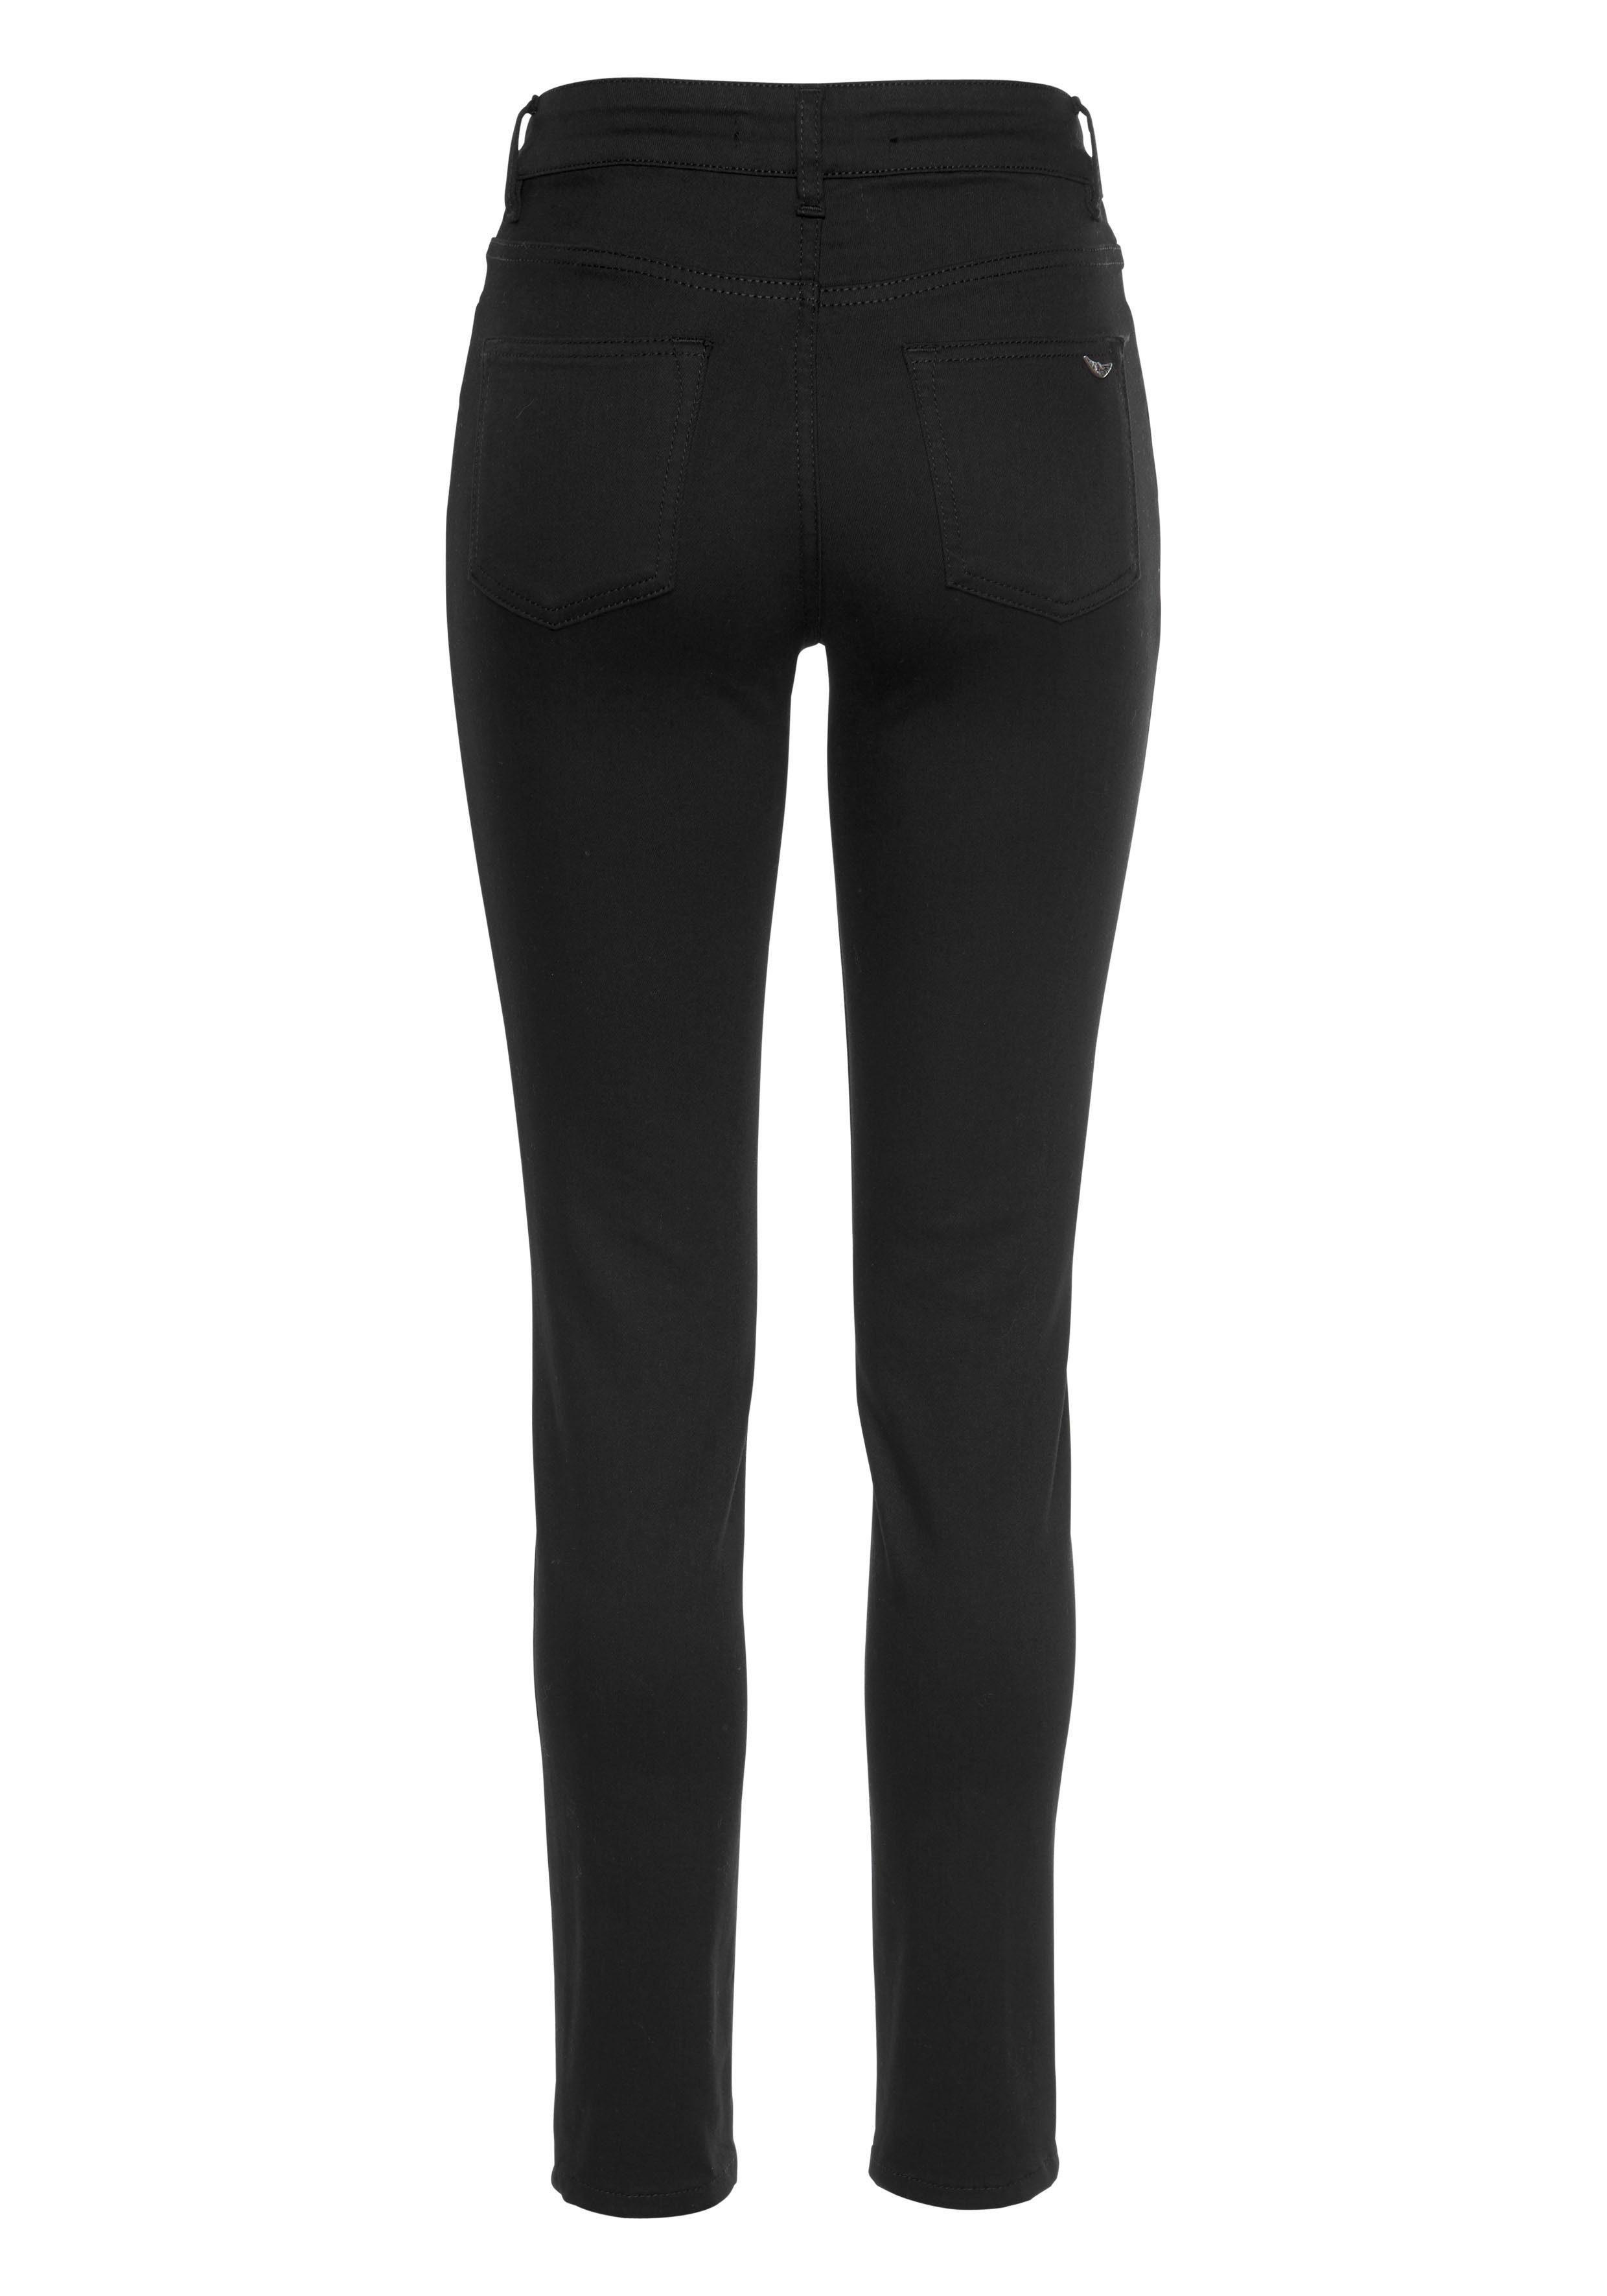 fit Arizona Waist Online »black Black« jeans Bleibt Slim Kaufen High iOPkXZuT